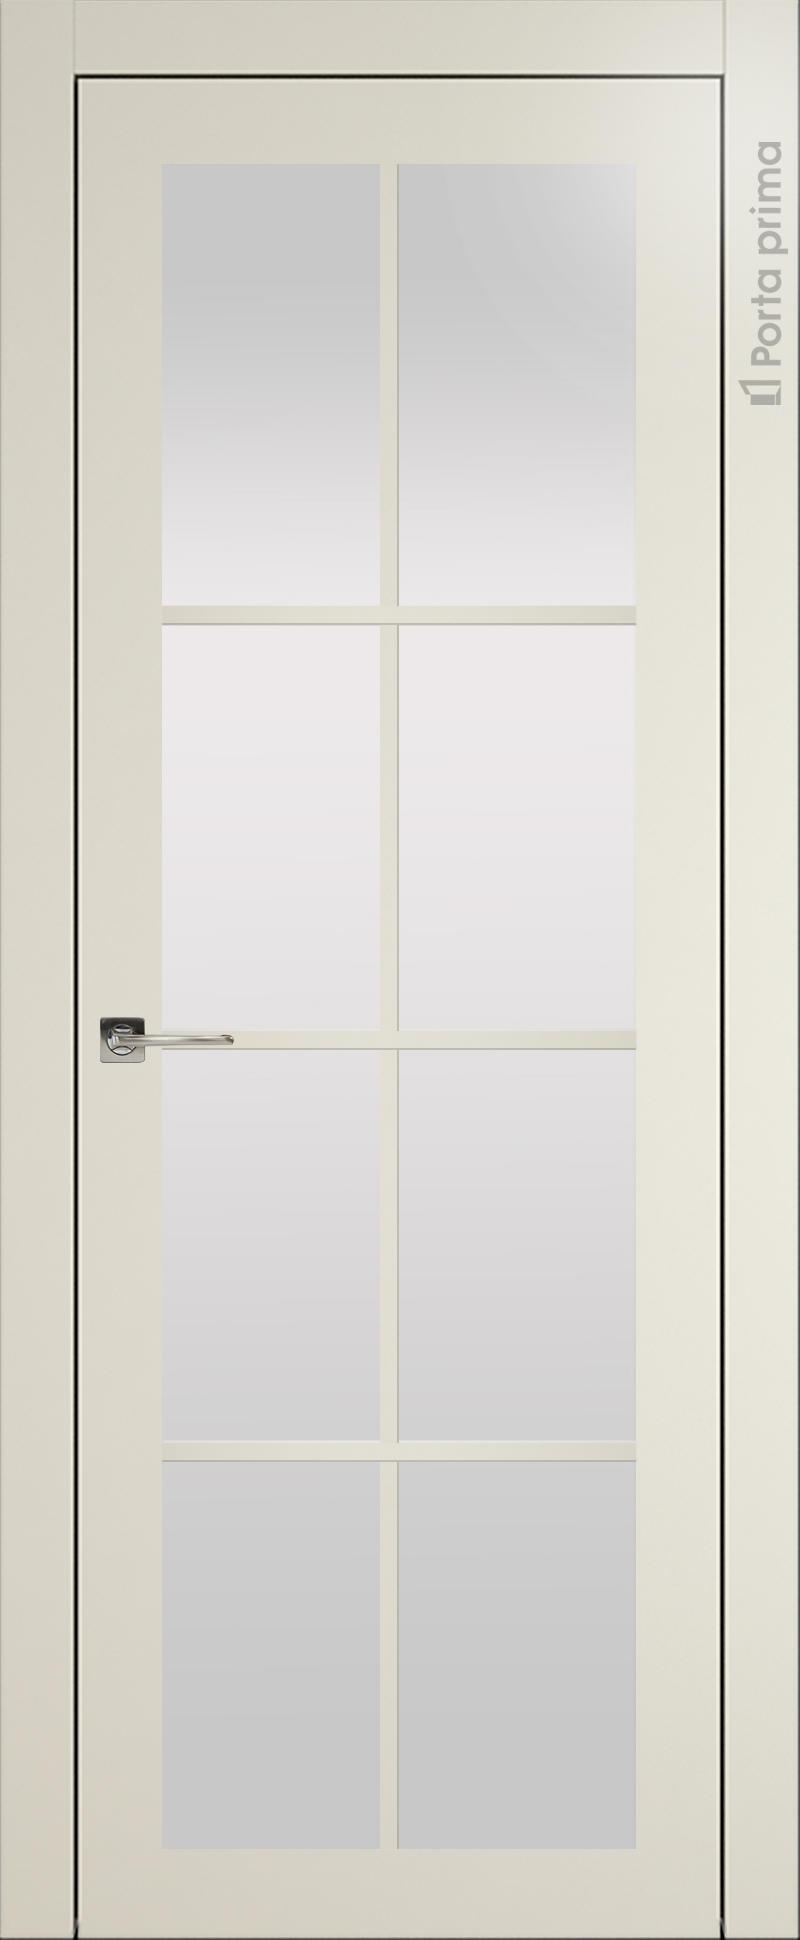 Tivoli З-5 цвет - Жемчужная эмаль (RAL 1013) Со стеклом (ДО)